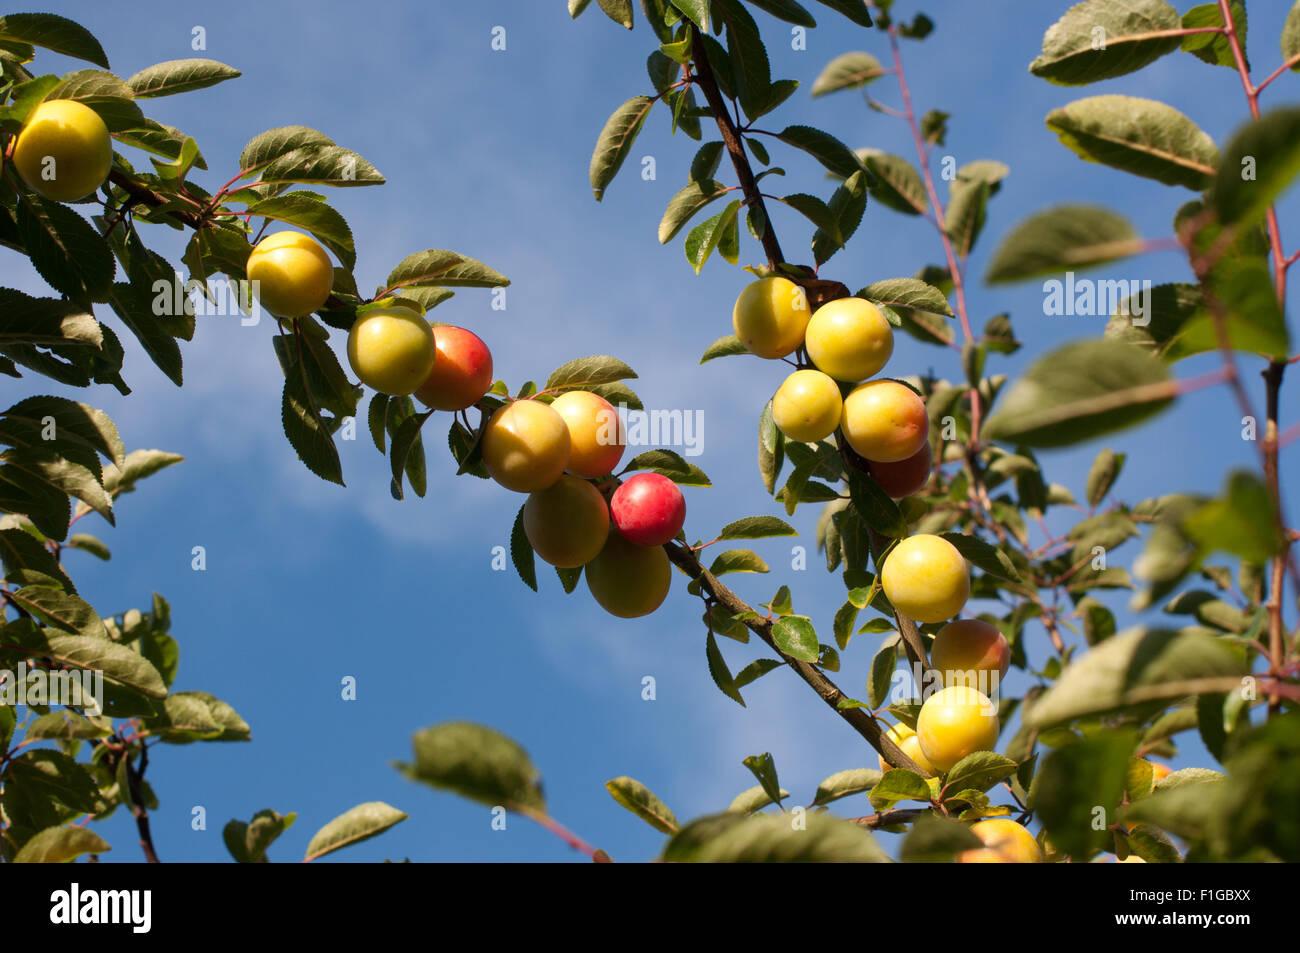 Reneclaudenbaum Mit Halbreifen Früchten Vor Strahlend Blauem Himmel Stockbild